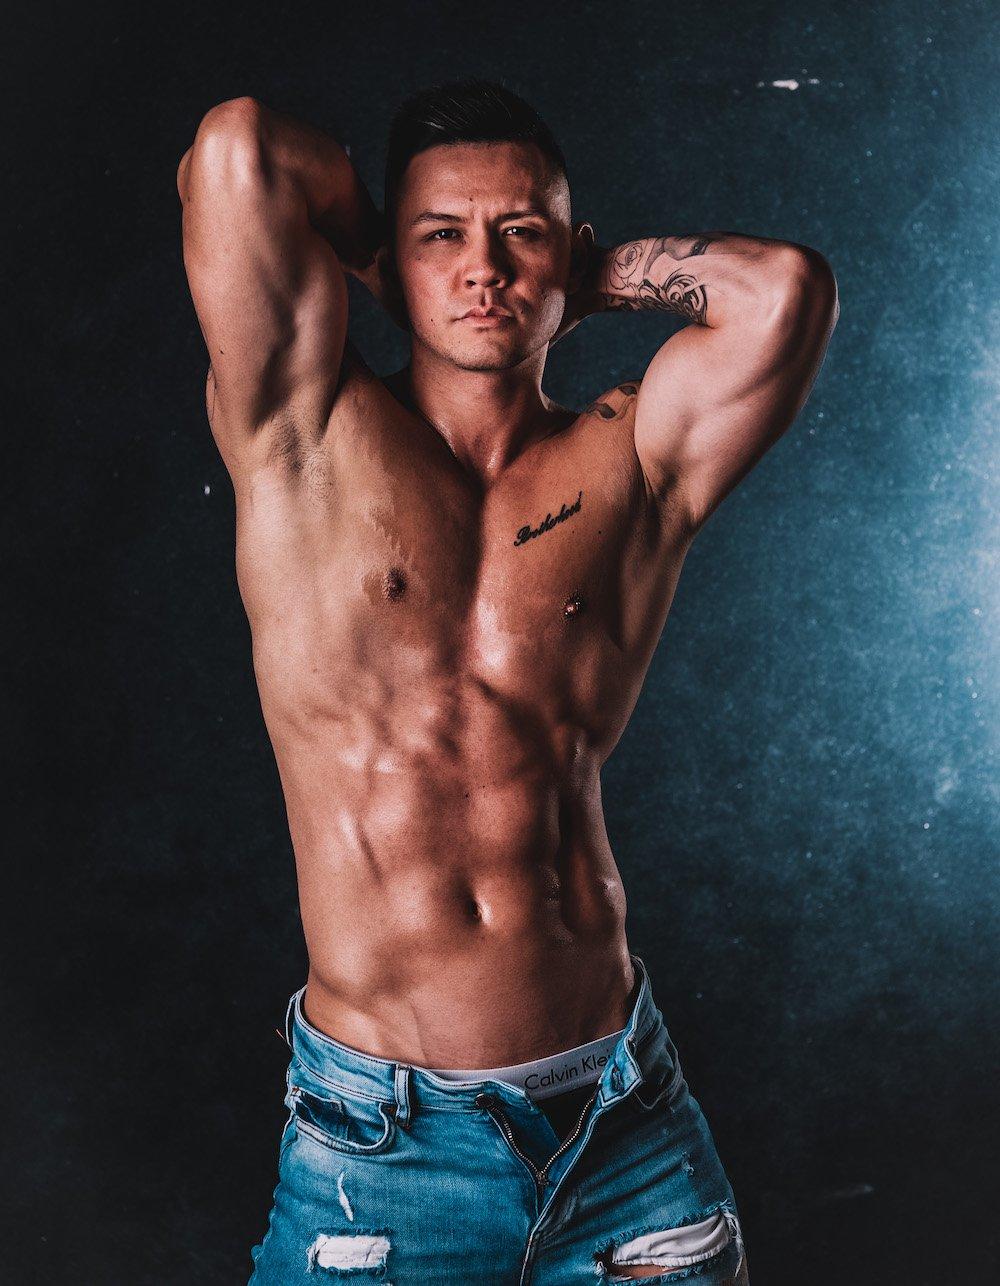 Male Stripper Zain